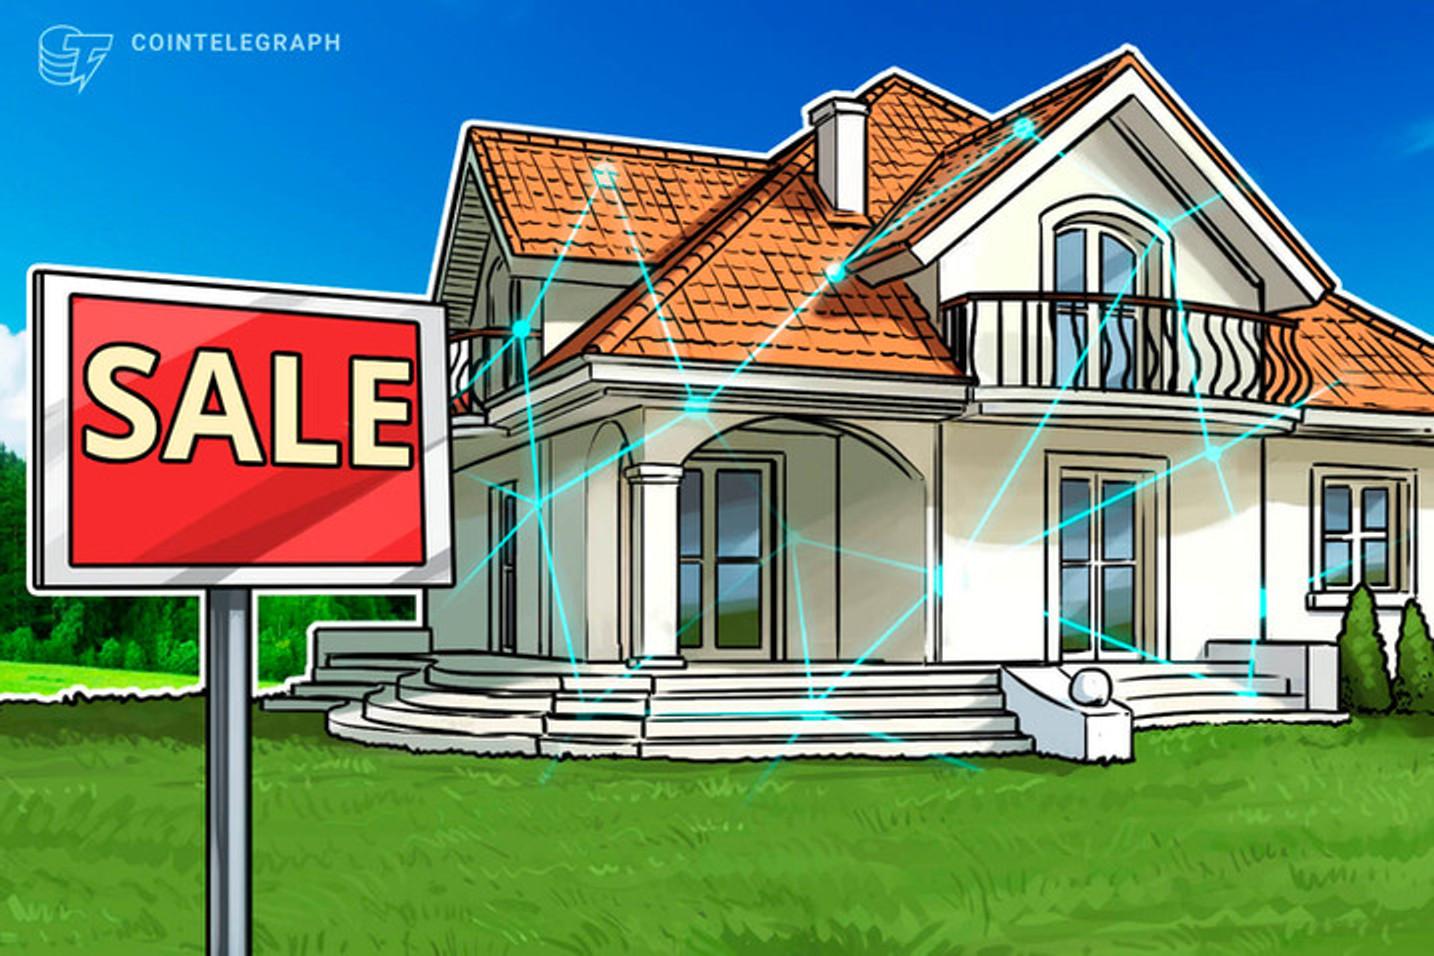 Em tempos de Bitcoin, criptomoedas, ETF, BDRs e outros, comprar imóveis ainda é um bom investimento?